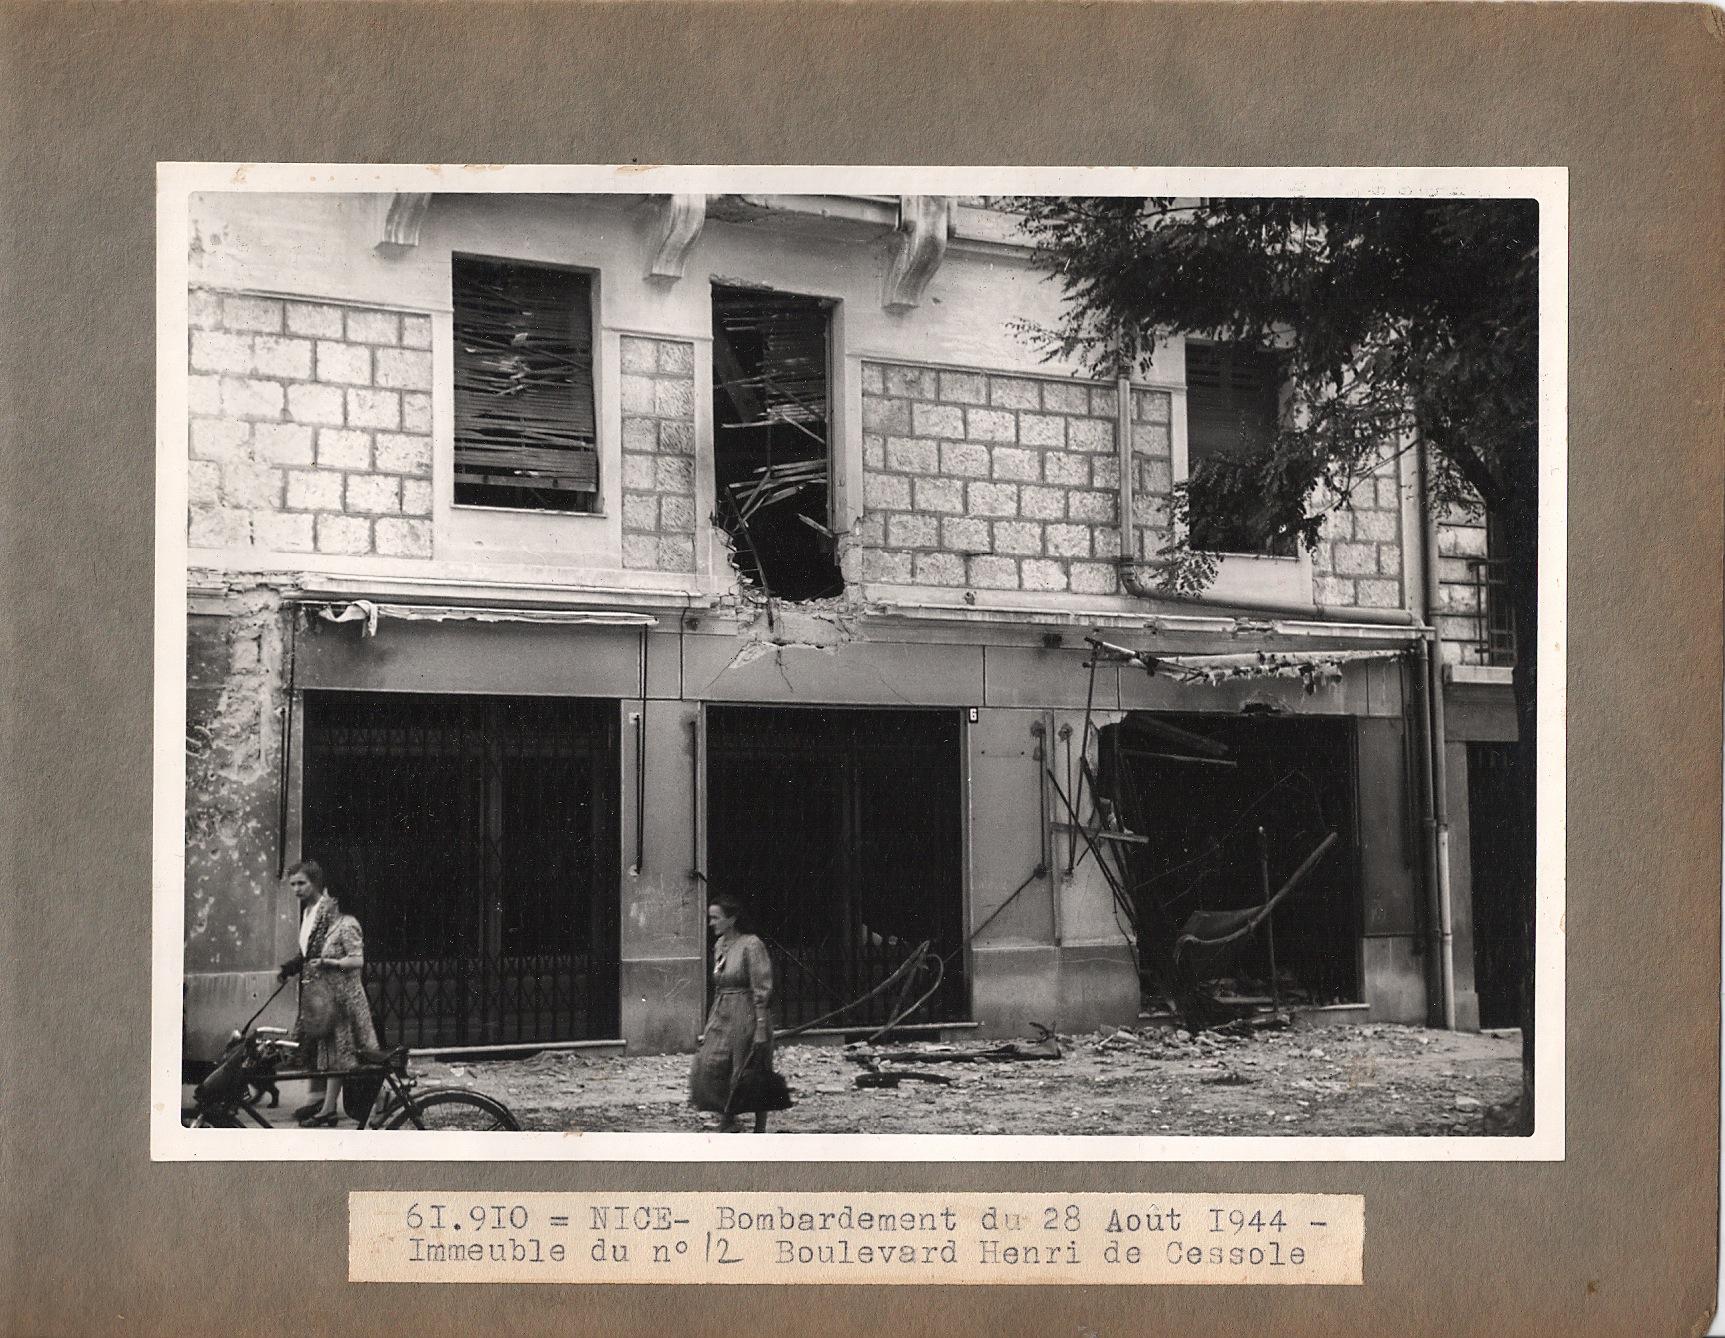 NICE 1944 59